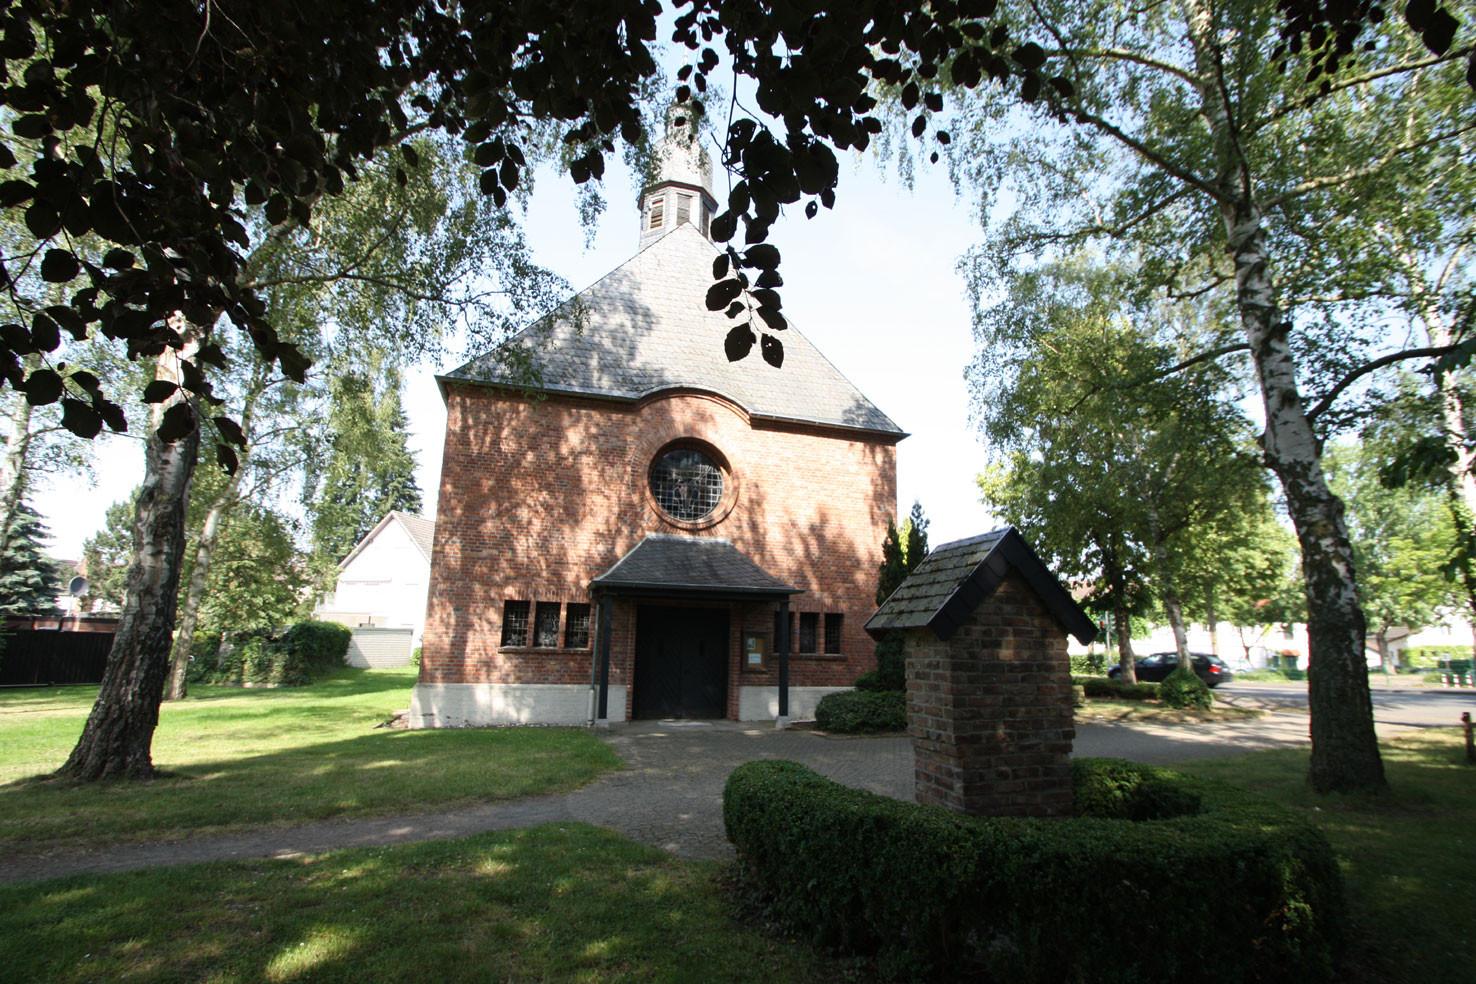 St. Venatius in Röttgen